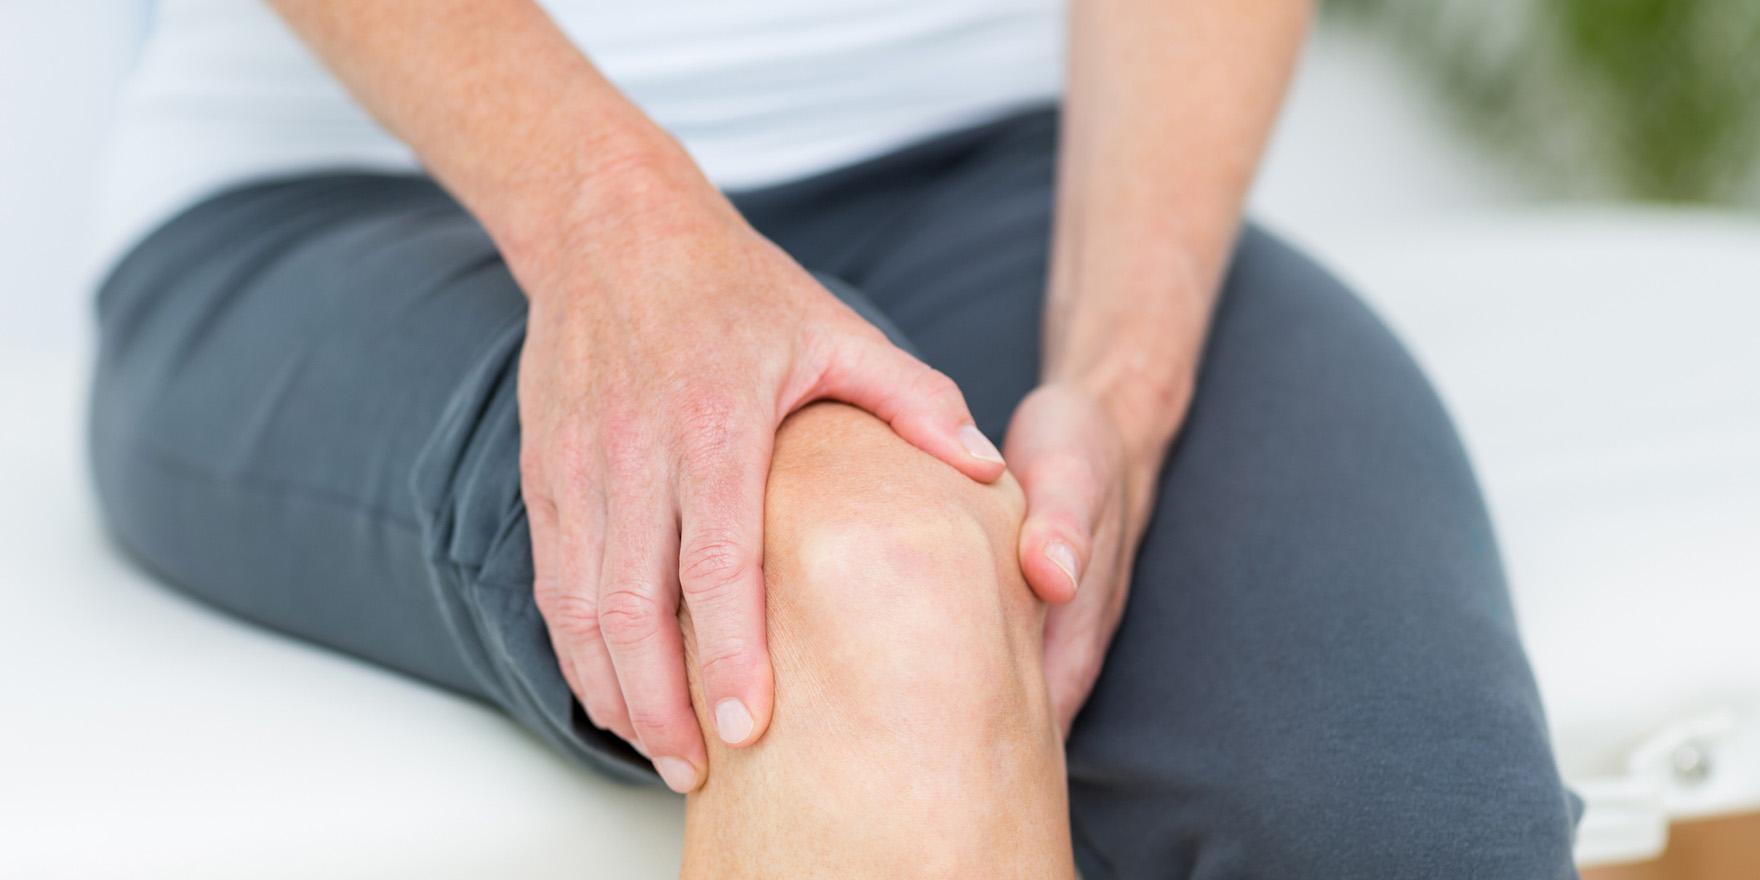 lesion-rodilla